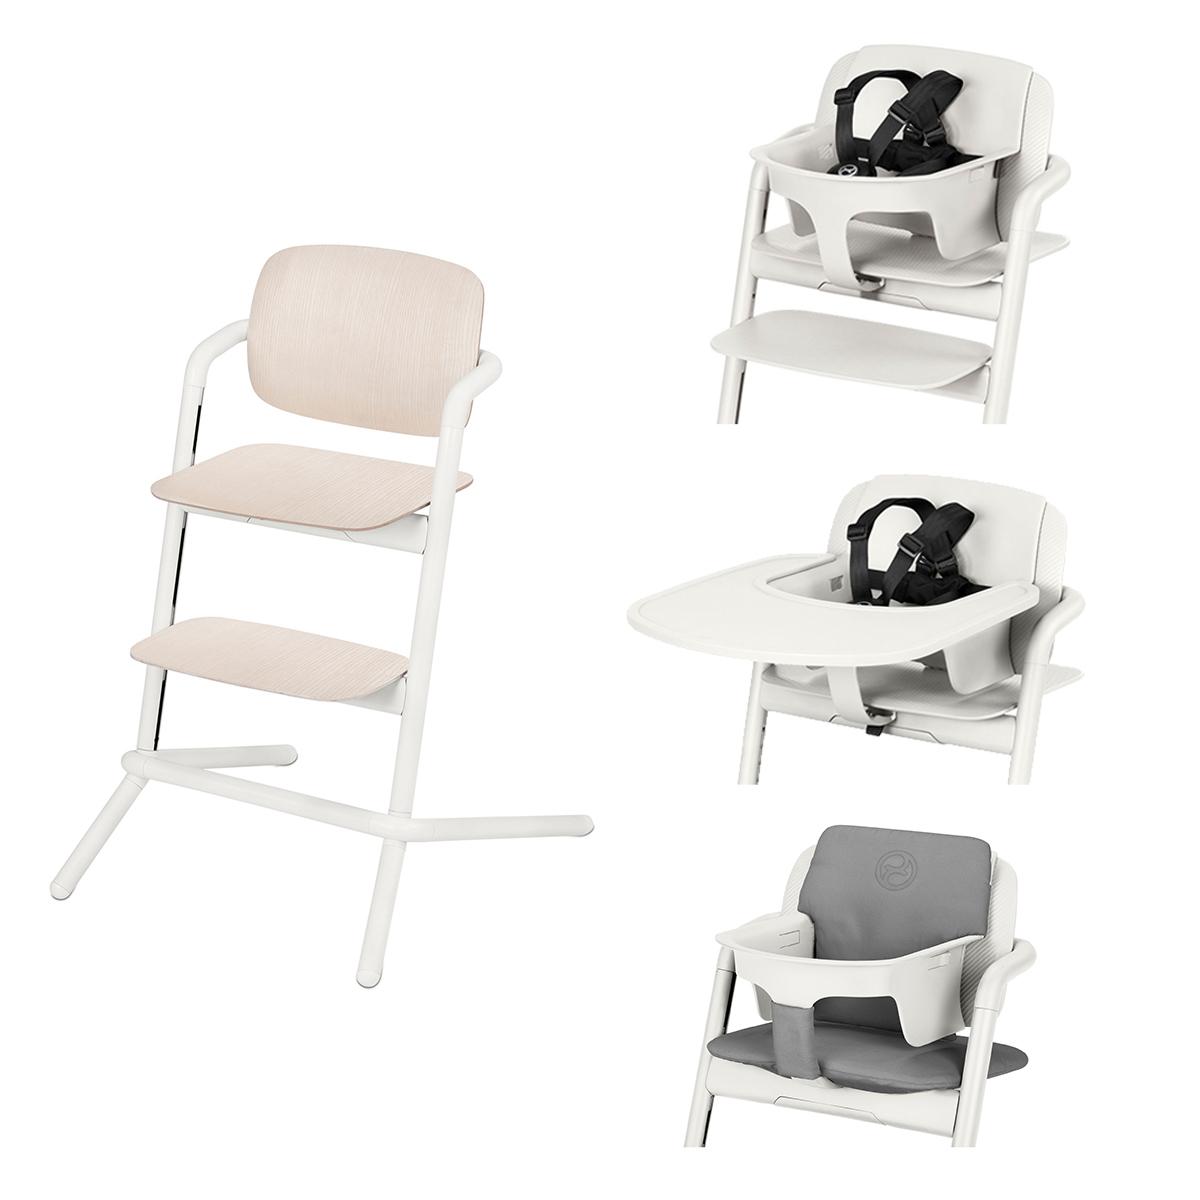 Chaise haute Chaise Haute Lemo Bois Complète - Porcelaine White Chaise Haute Lemo Bois + Plateau pour Chaise Haute Lemo + Baby Set Lemo + Coussin Réducteur Lemo - Porcelaine White